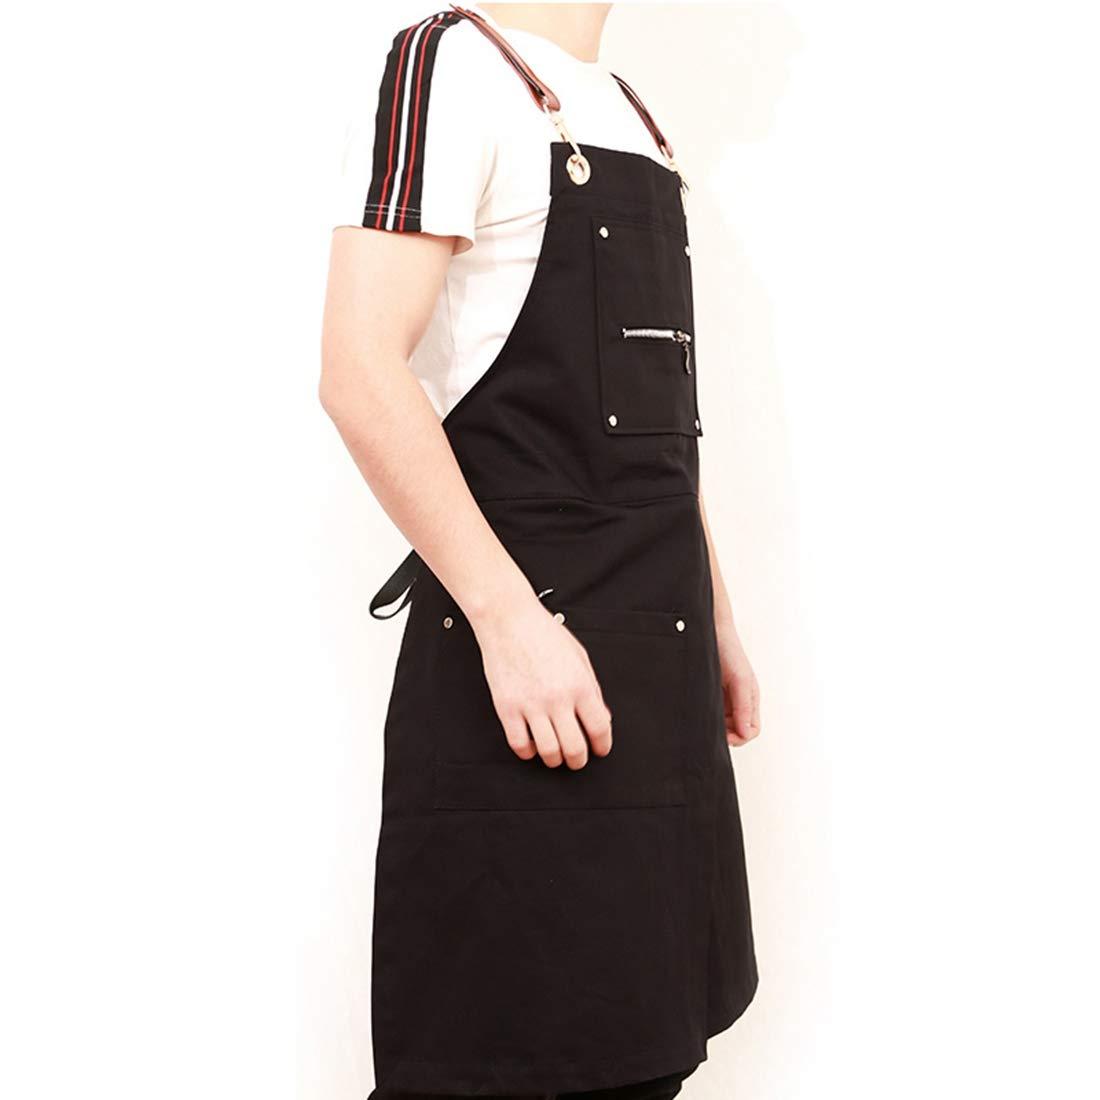 FREAHAP R Tablier de Cuisine Homme Femme Tablier de Travail R/églable Sangles Crois/ées avec Poche pour Barbier Peintre Artisan Jardinier Coiffeur Styliste Barista 80x60cm